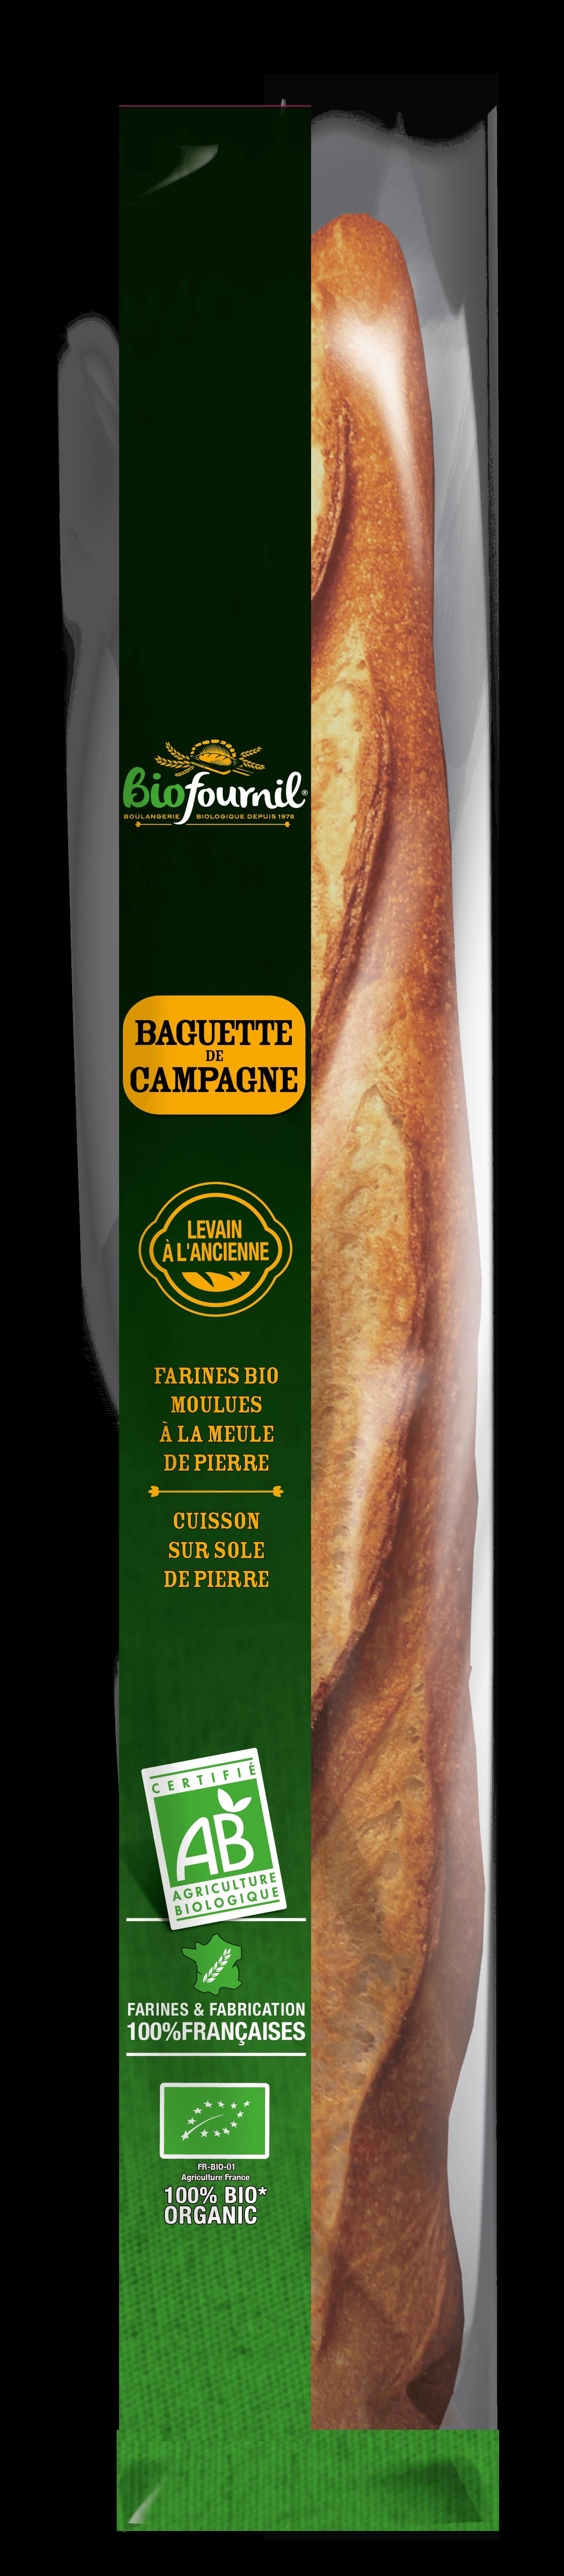 baguette-campagne-levain-a-l-ancienne-sachet